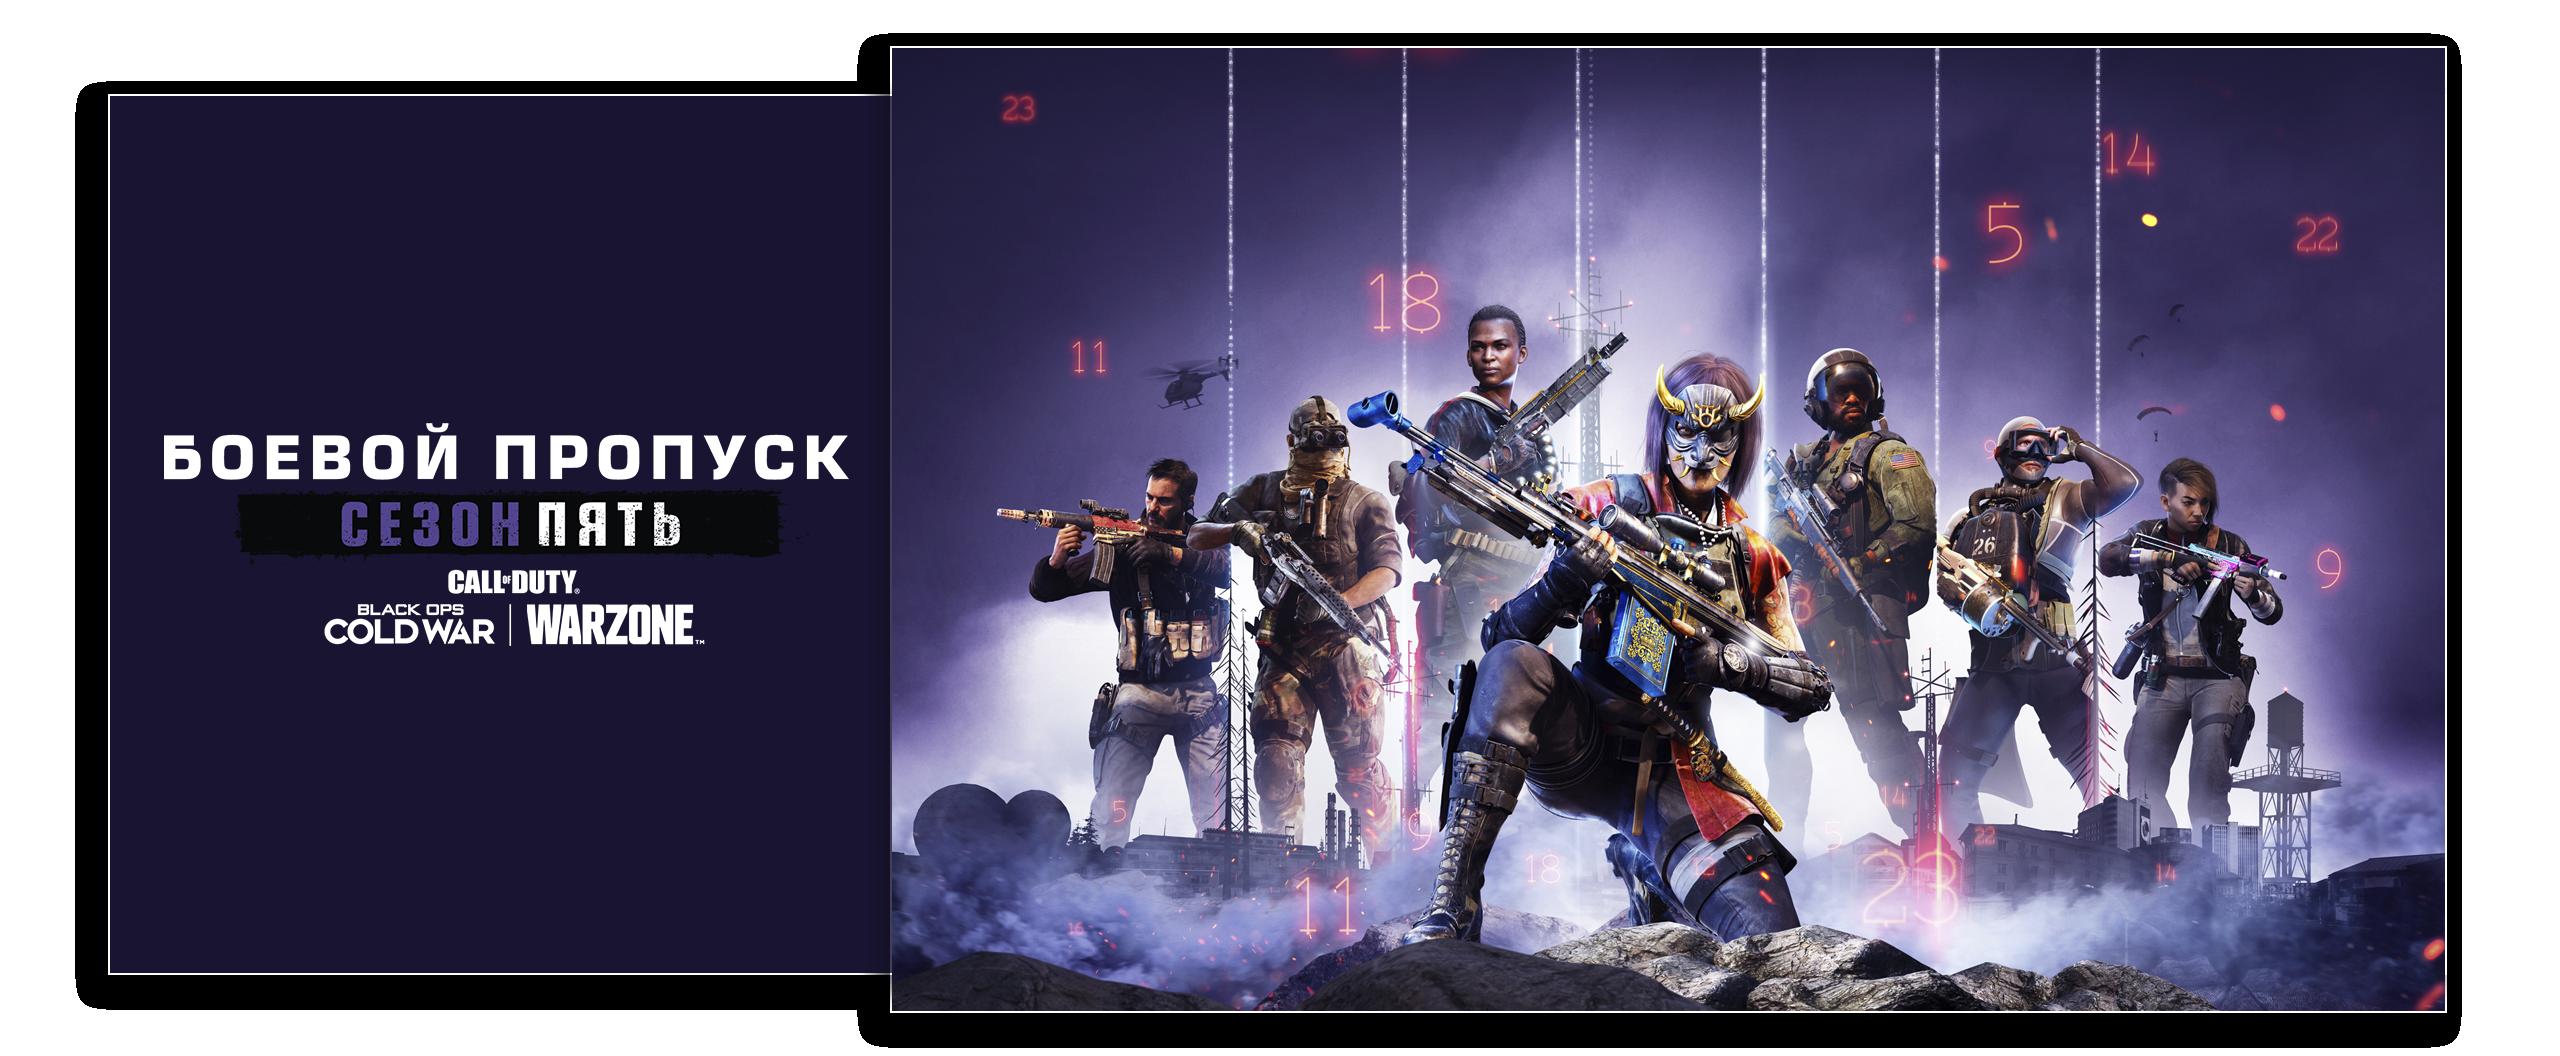 Call of Duty— боевой пропуск— иллюстрация